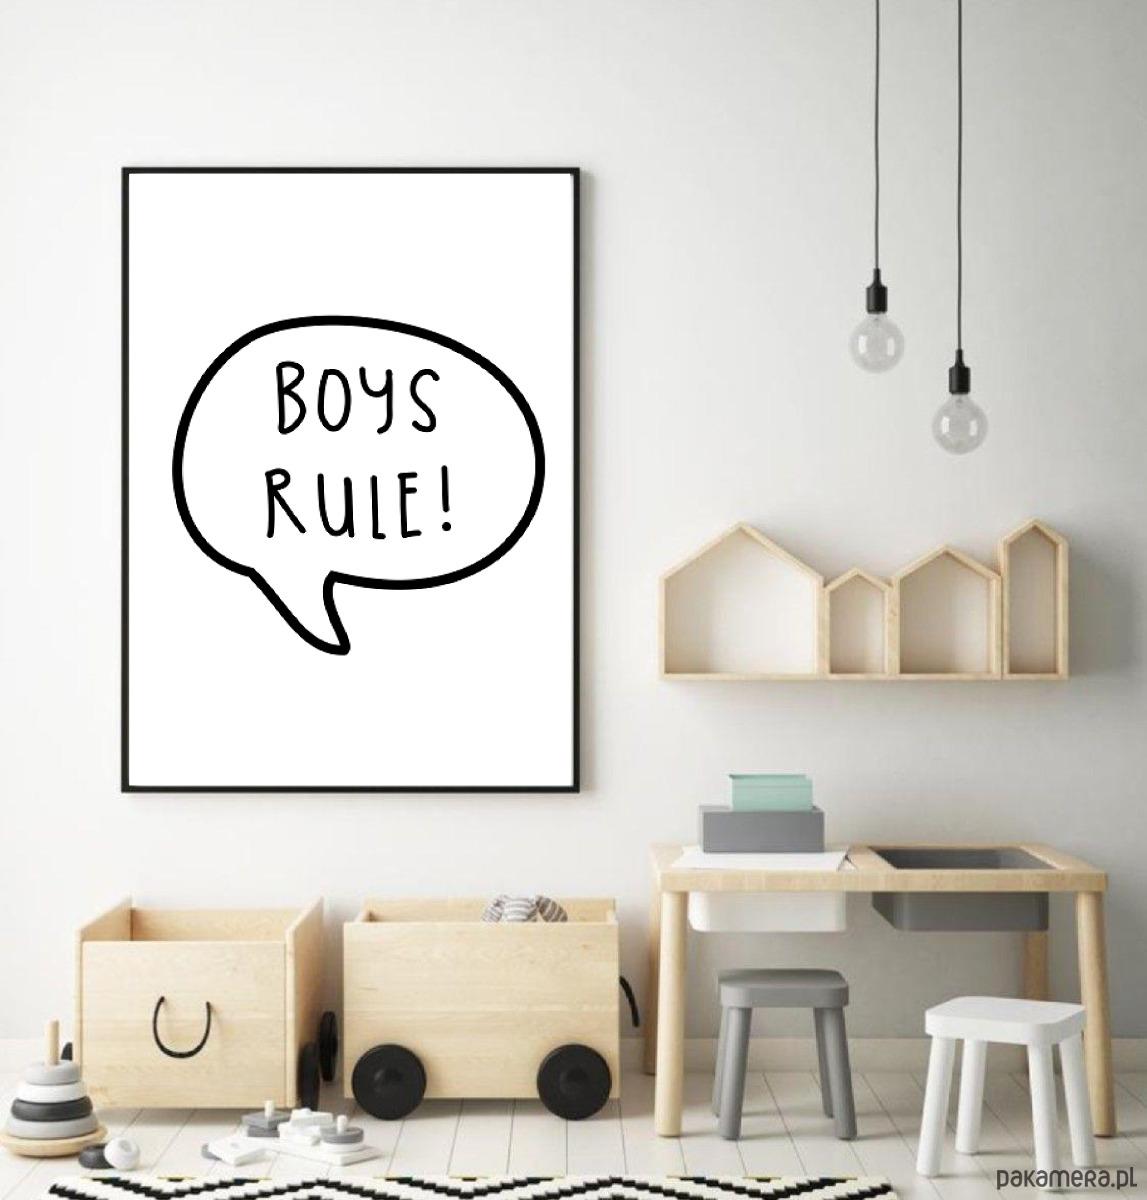 Plakat Do Pokoju Dziecka Dla Chłopca Boys Rule Pakamerapl